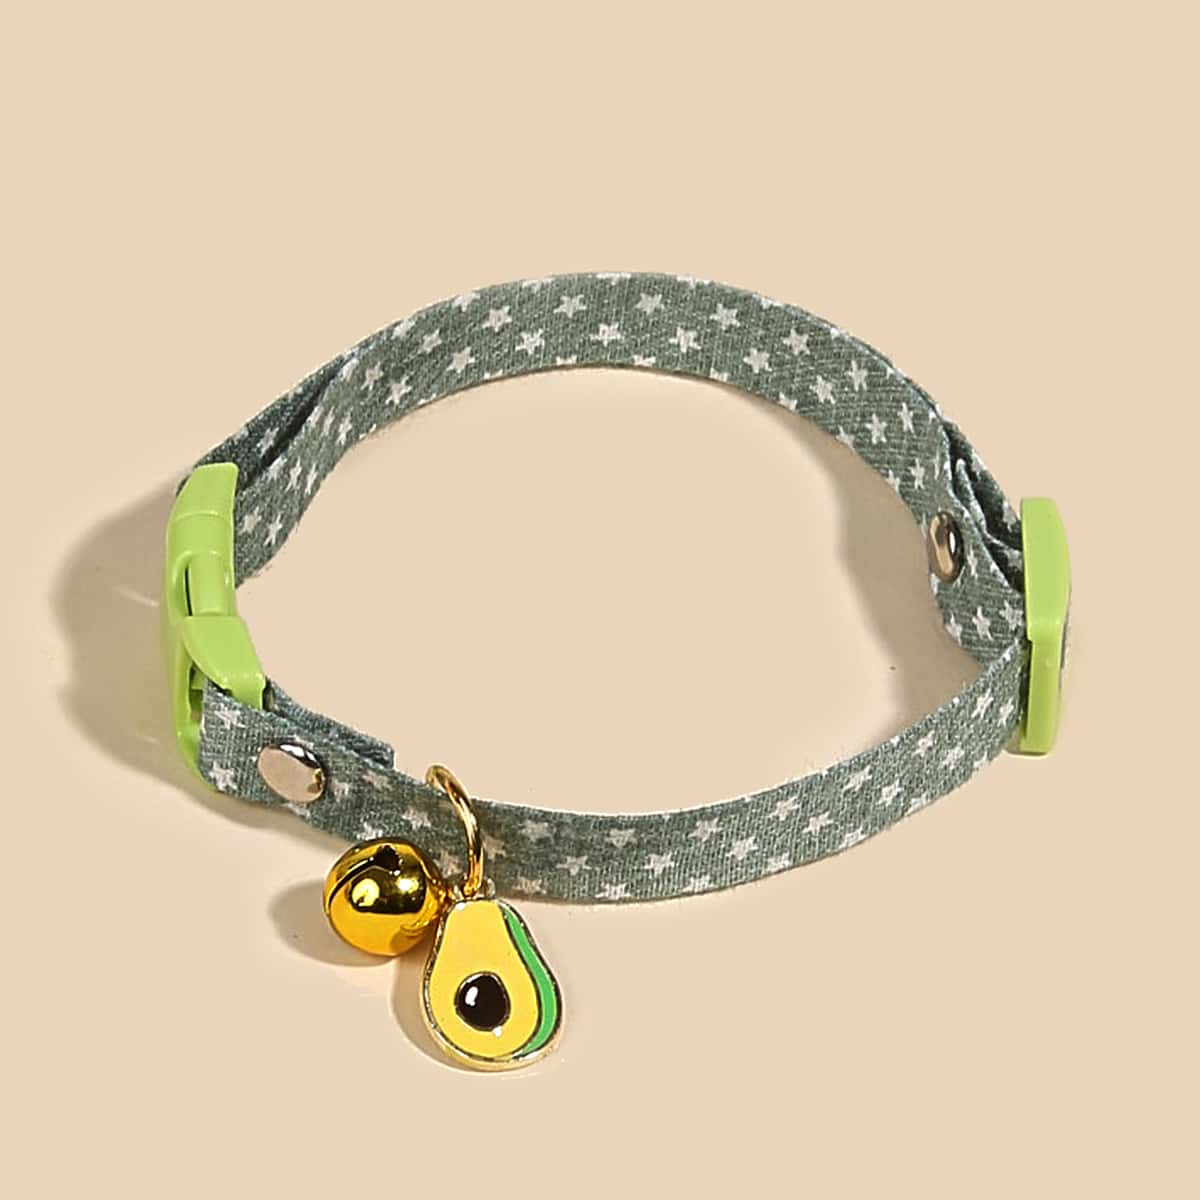 Haustier-Halskette mit Stern Muster